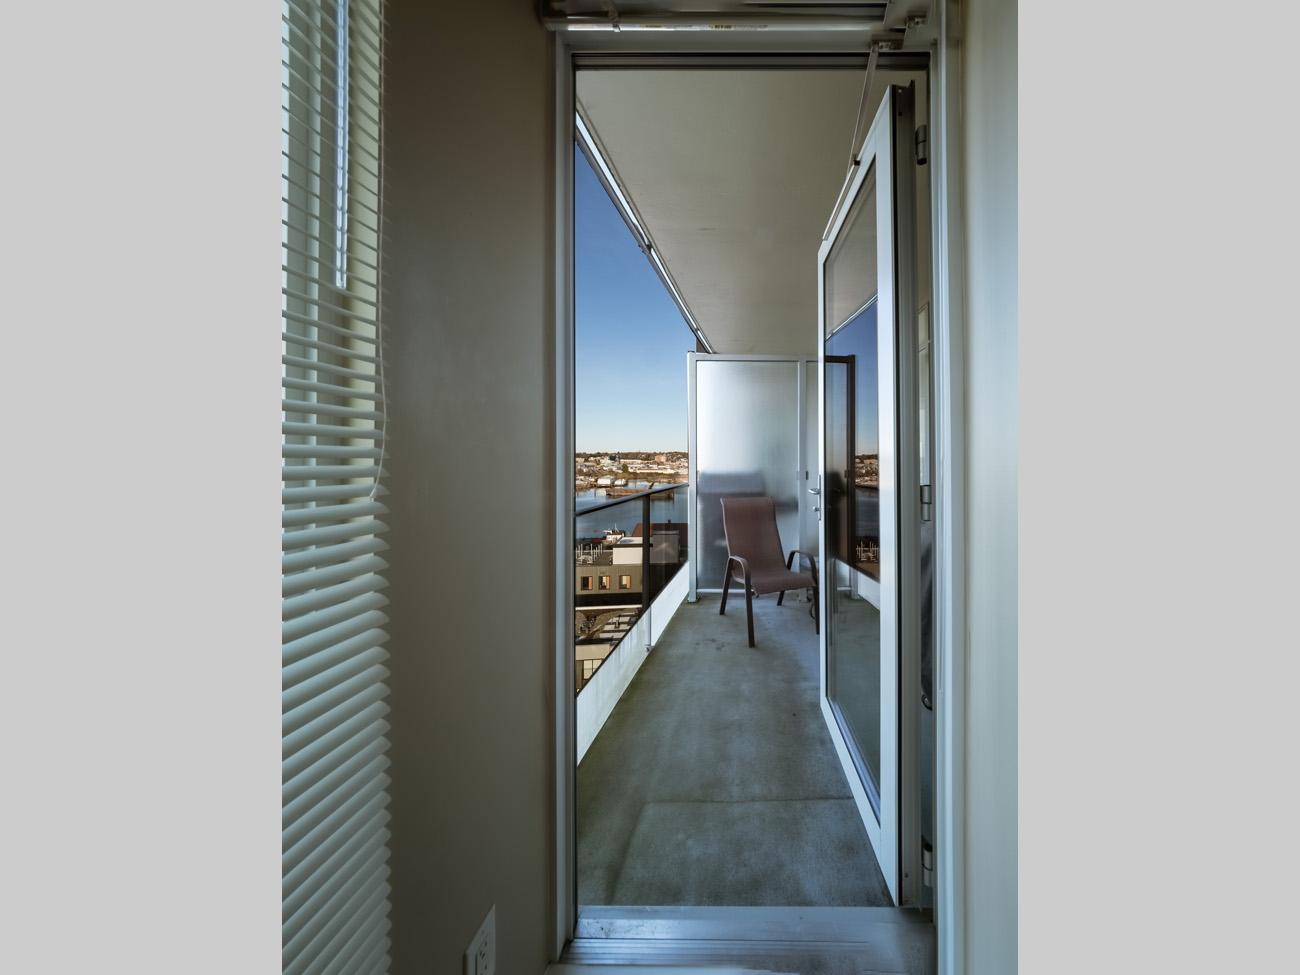 condo balcony